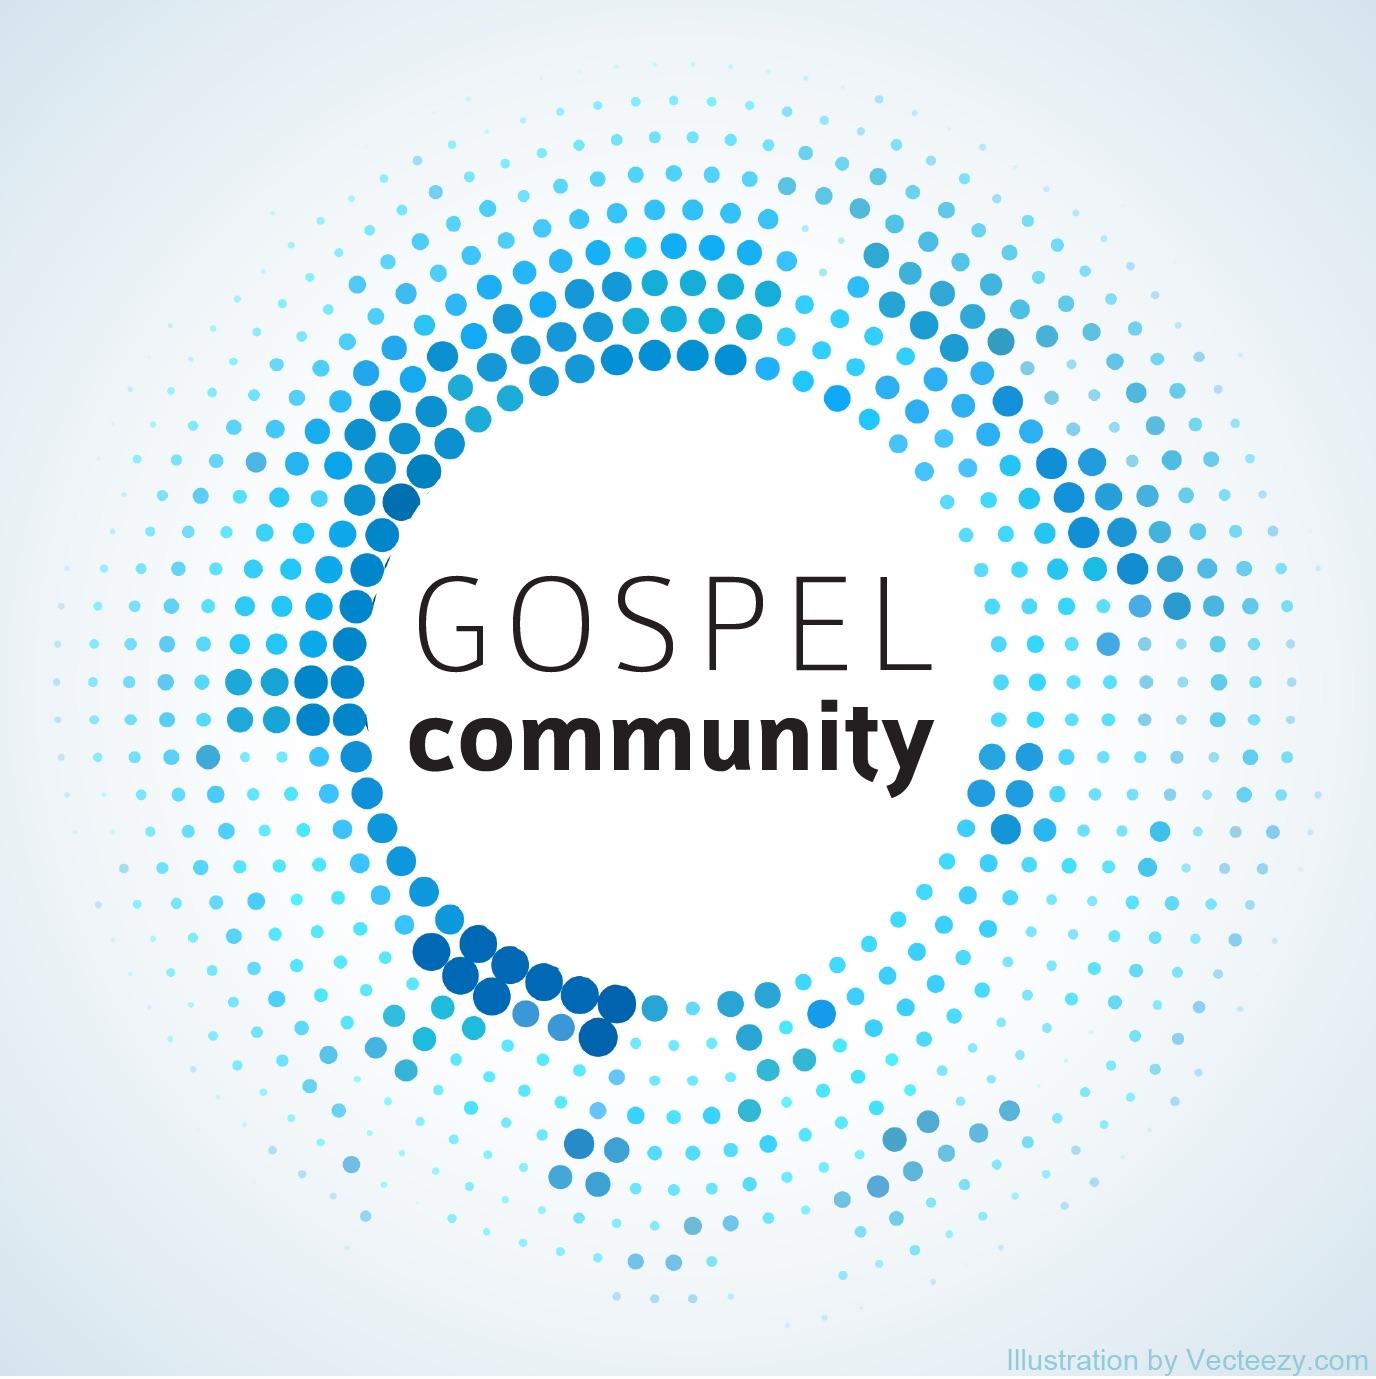 GospelCommunityBanner